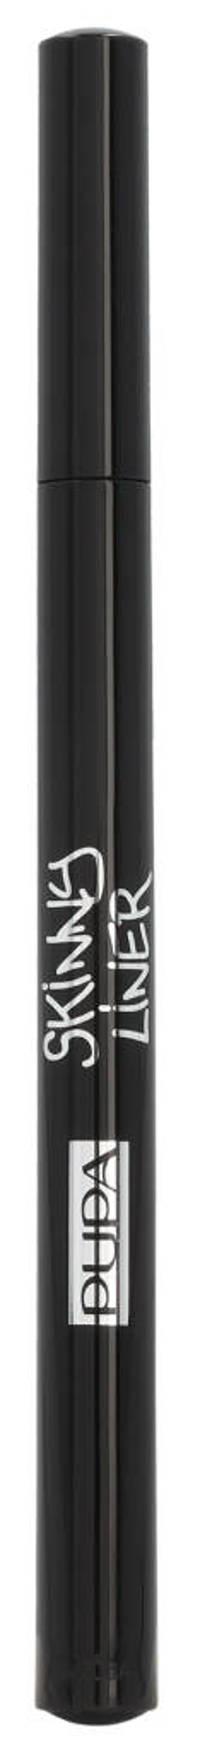 Pupa Milano Skinny Liner eyeliner - 001 Extra Black